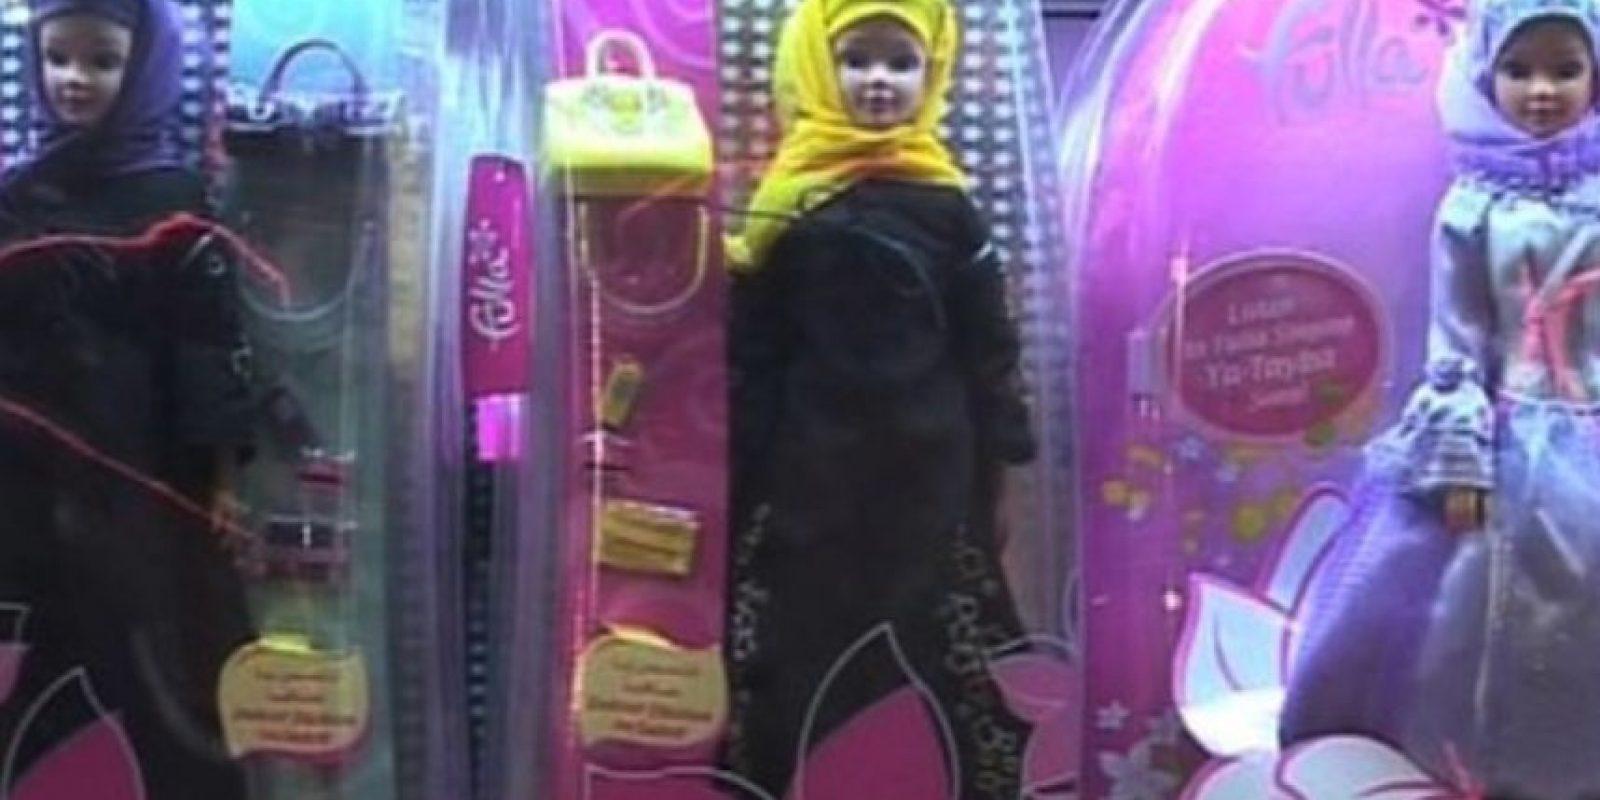 Fulla encarna los valores musulmanes, es sofisticada y tiene dos hermanas. También es culta y familiar. Se le llamó así por una flor de Medio Oriente Foto:Fulla